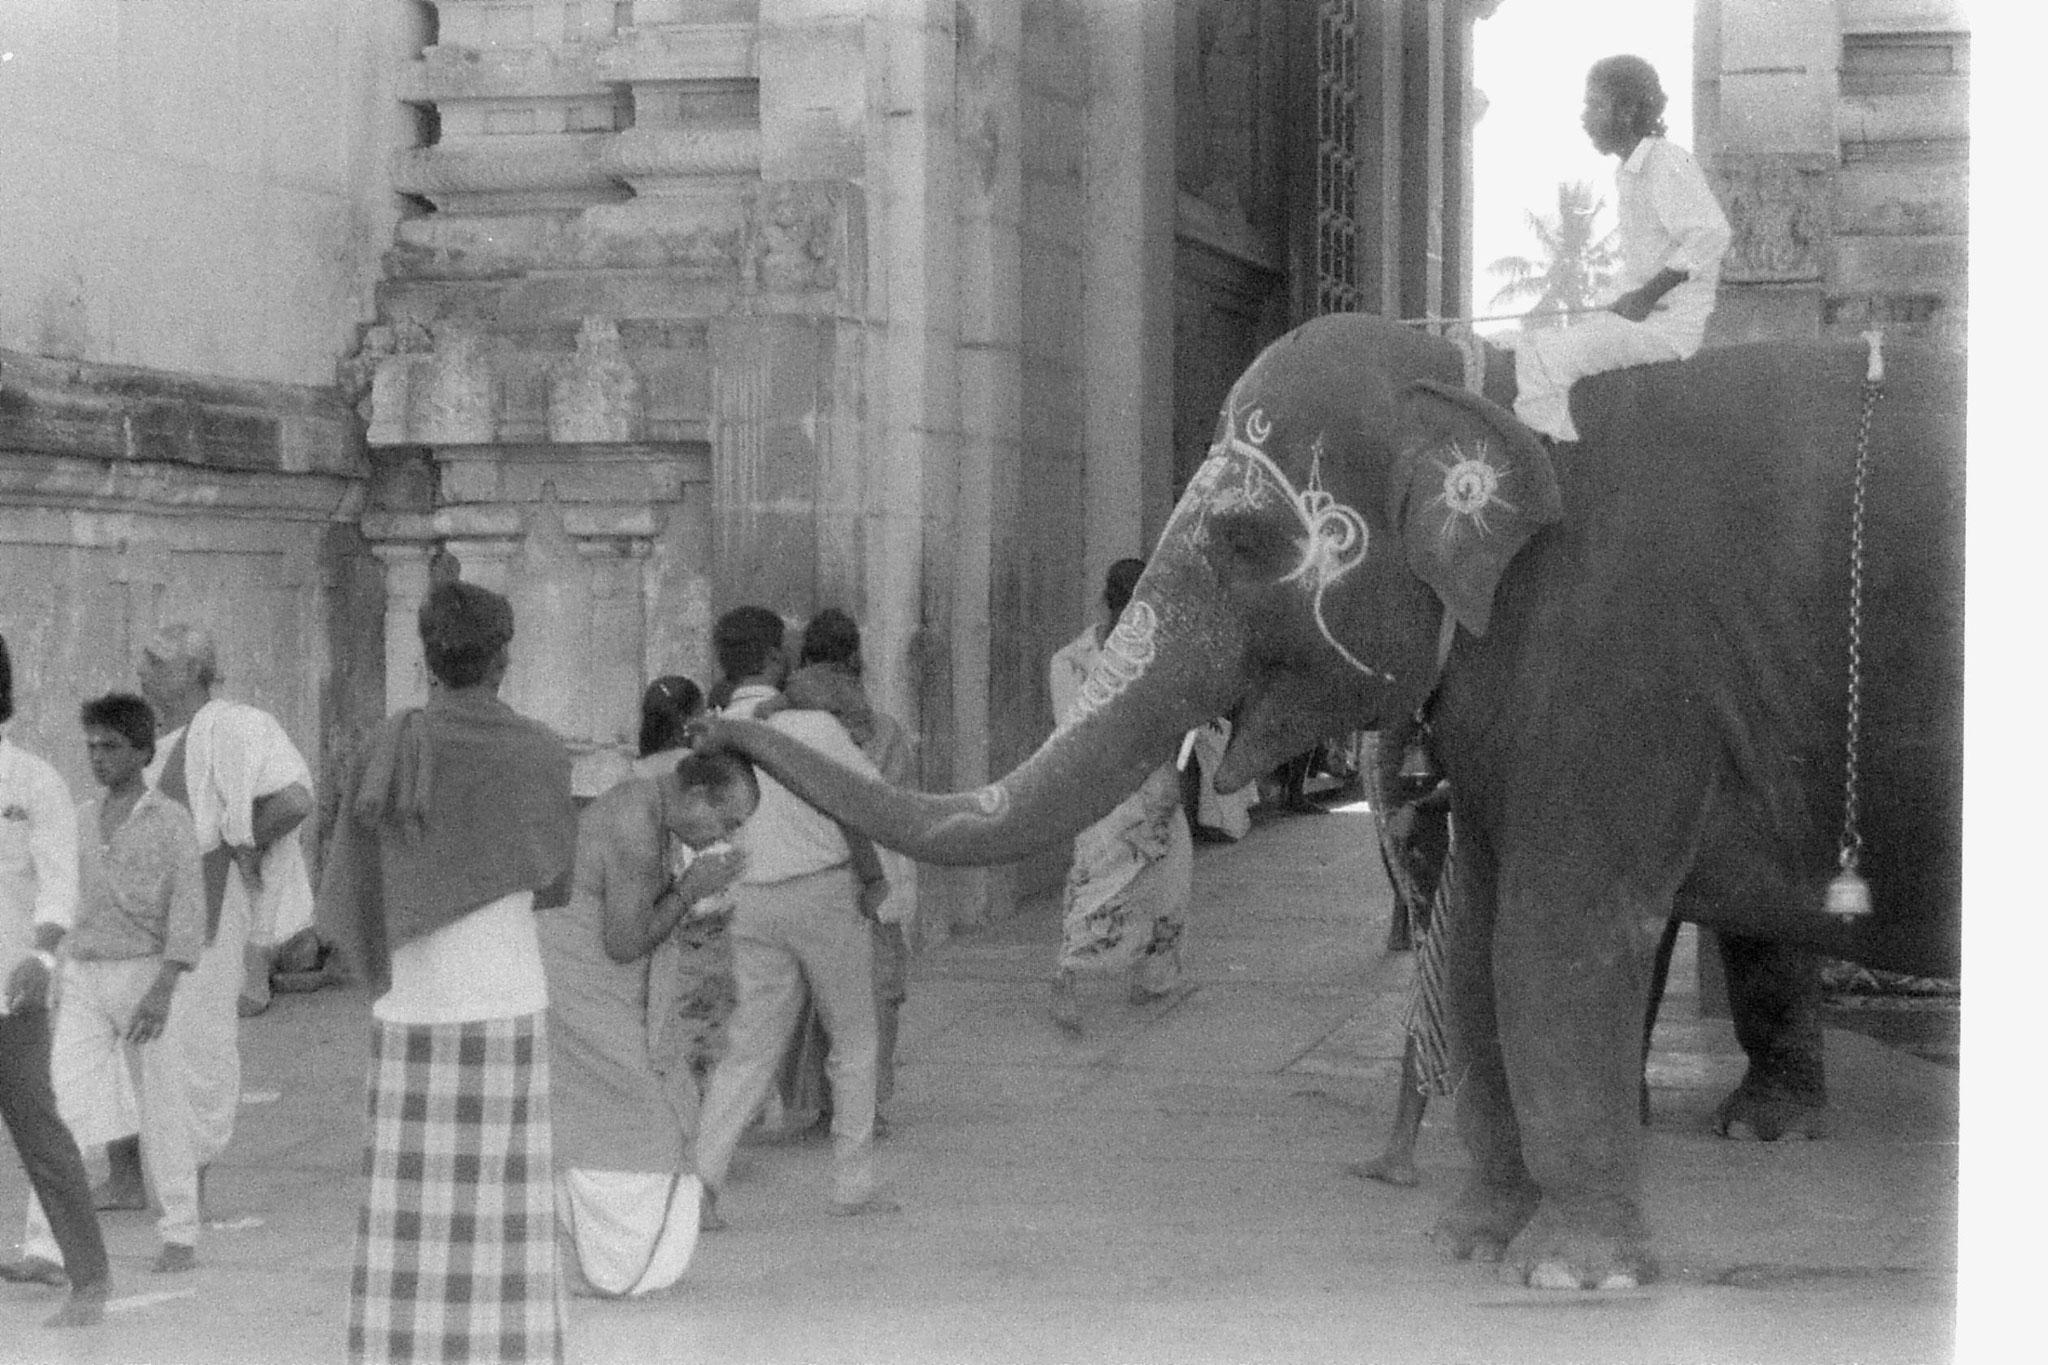 19/1/90: 18: Kanchipuram - Kmakashi temple - elephant blessing pilgrim